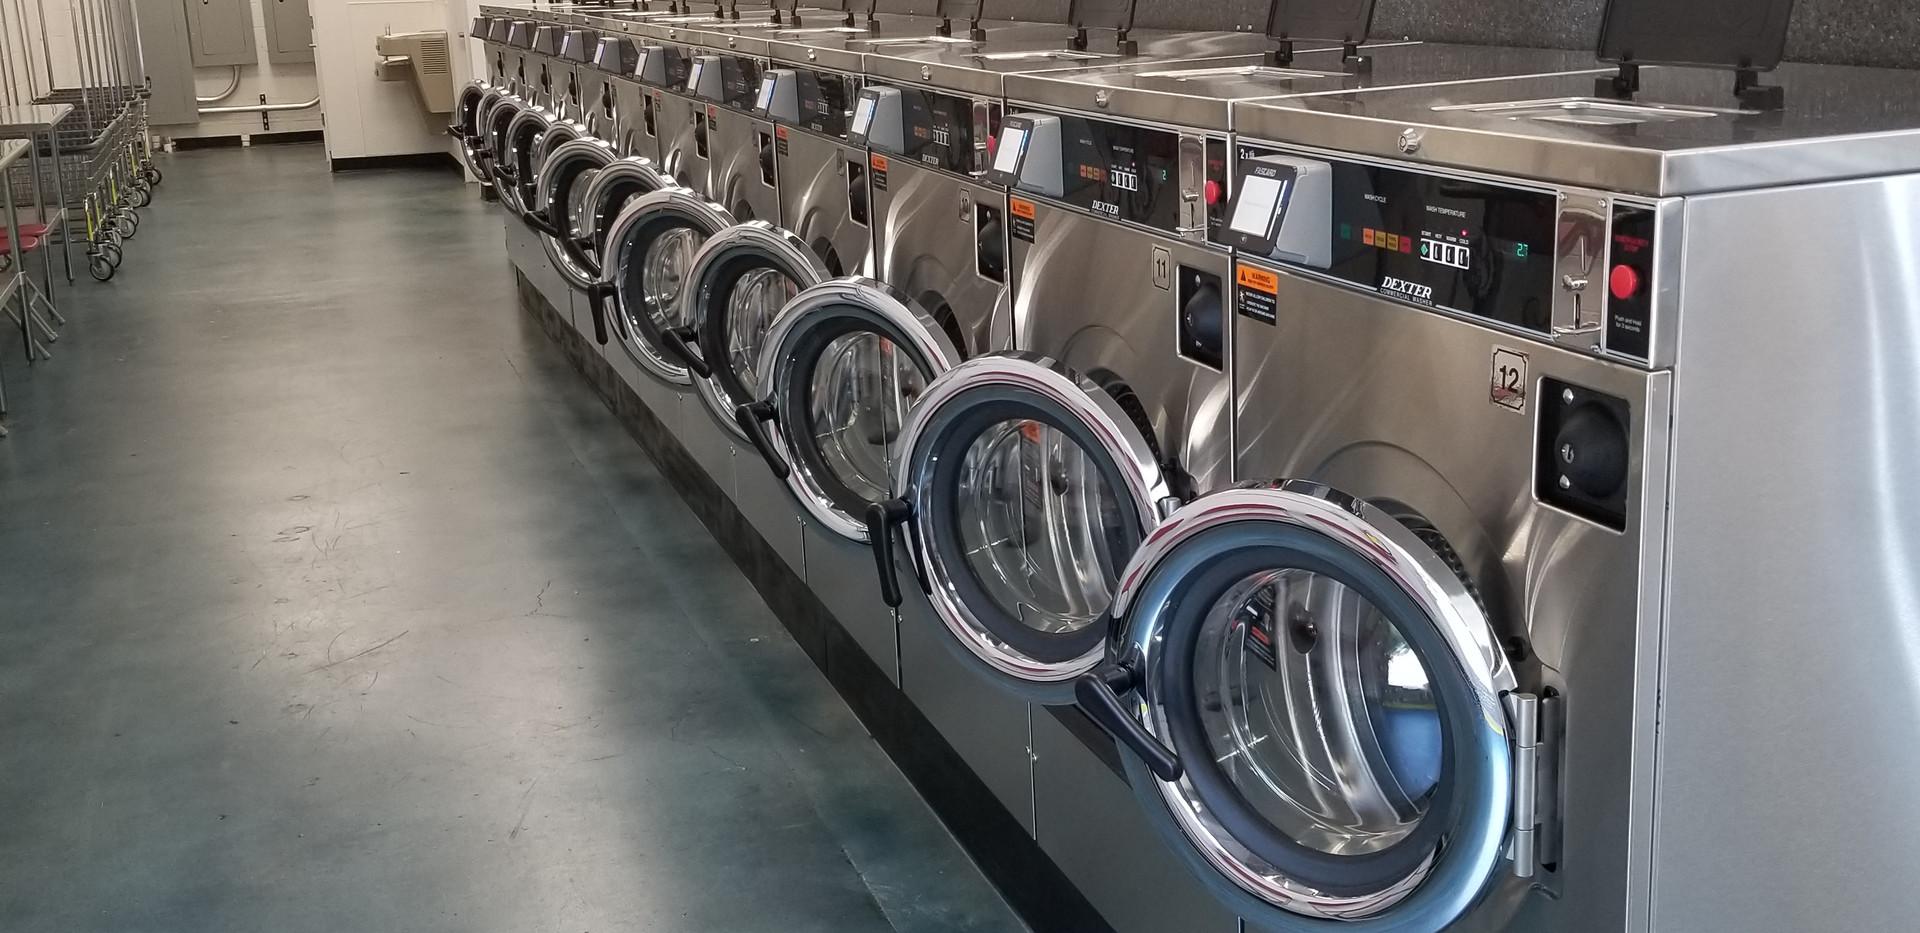 Wash'em Up #6 Washers